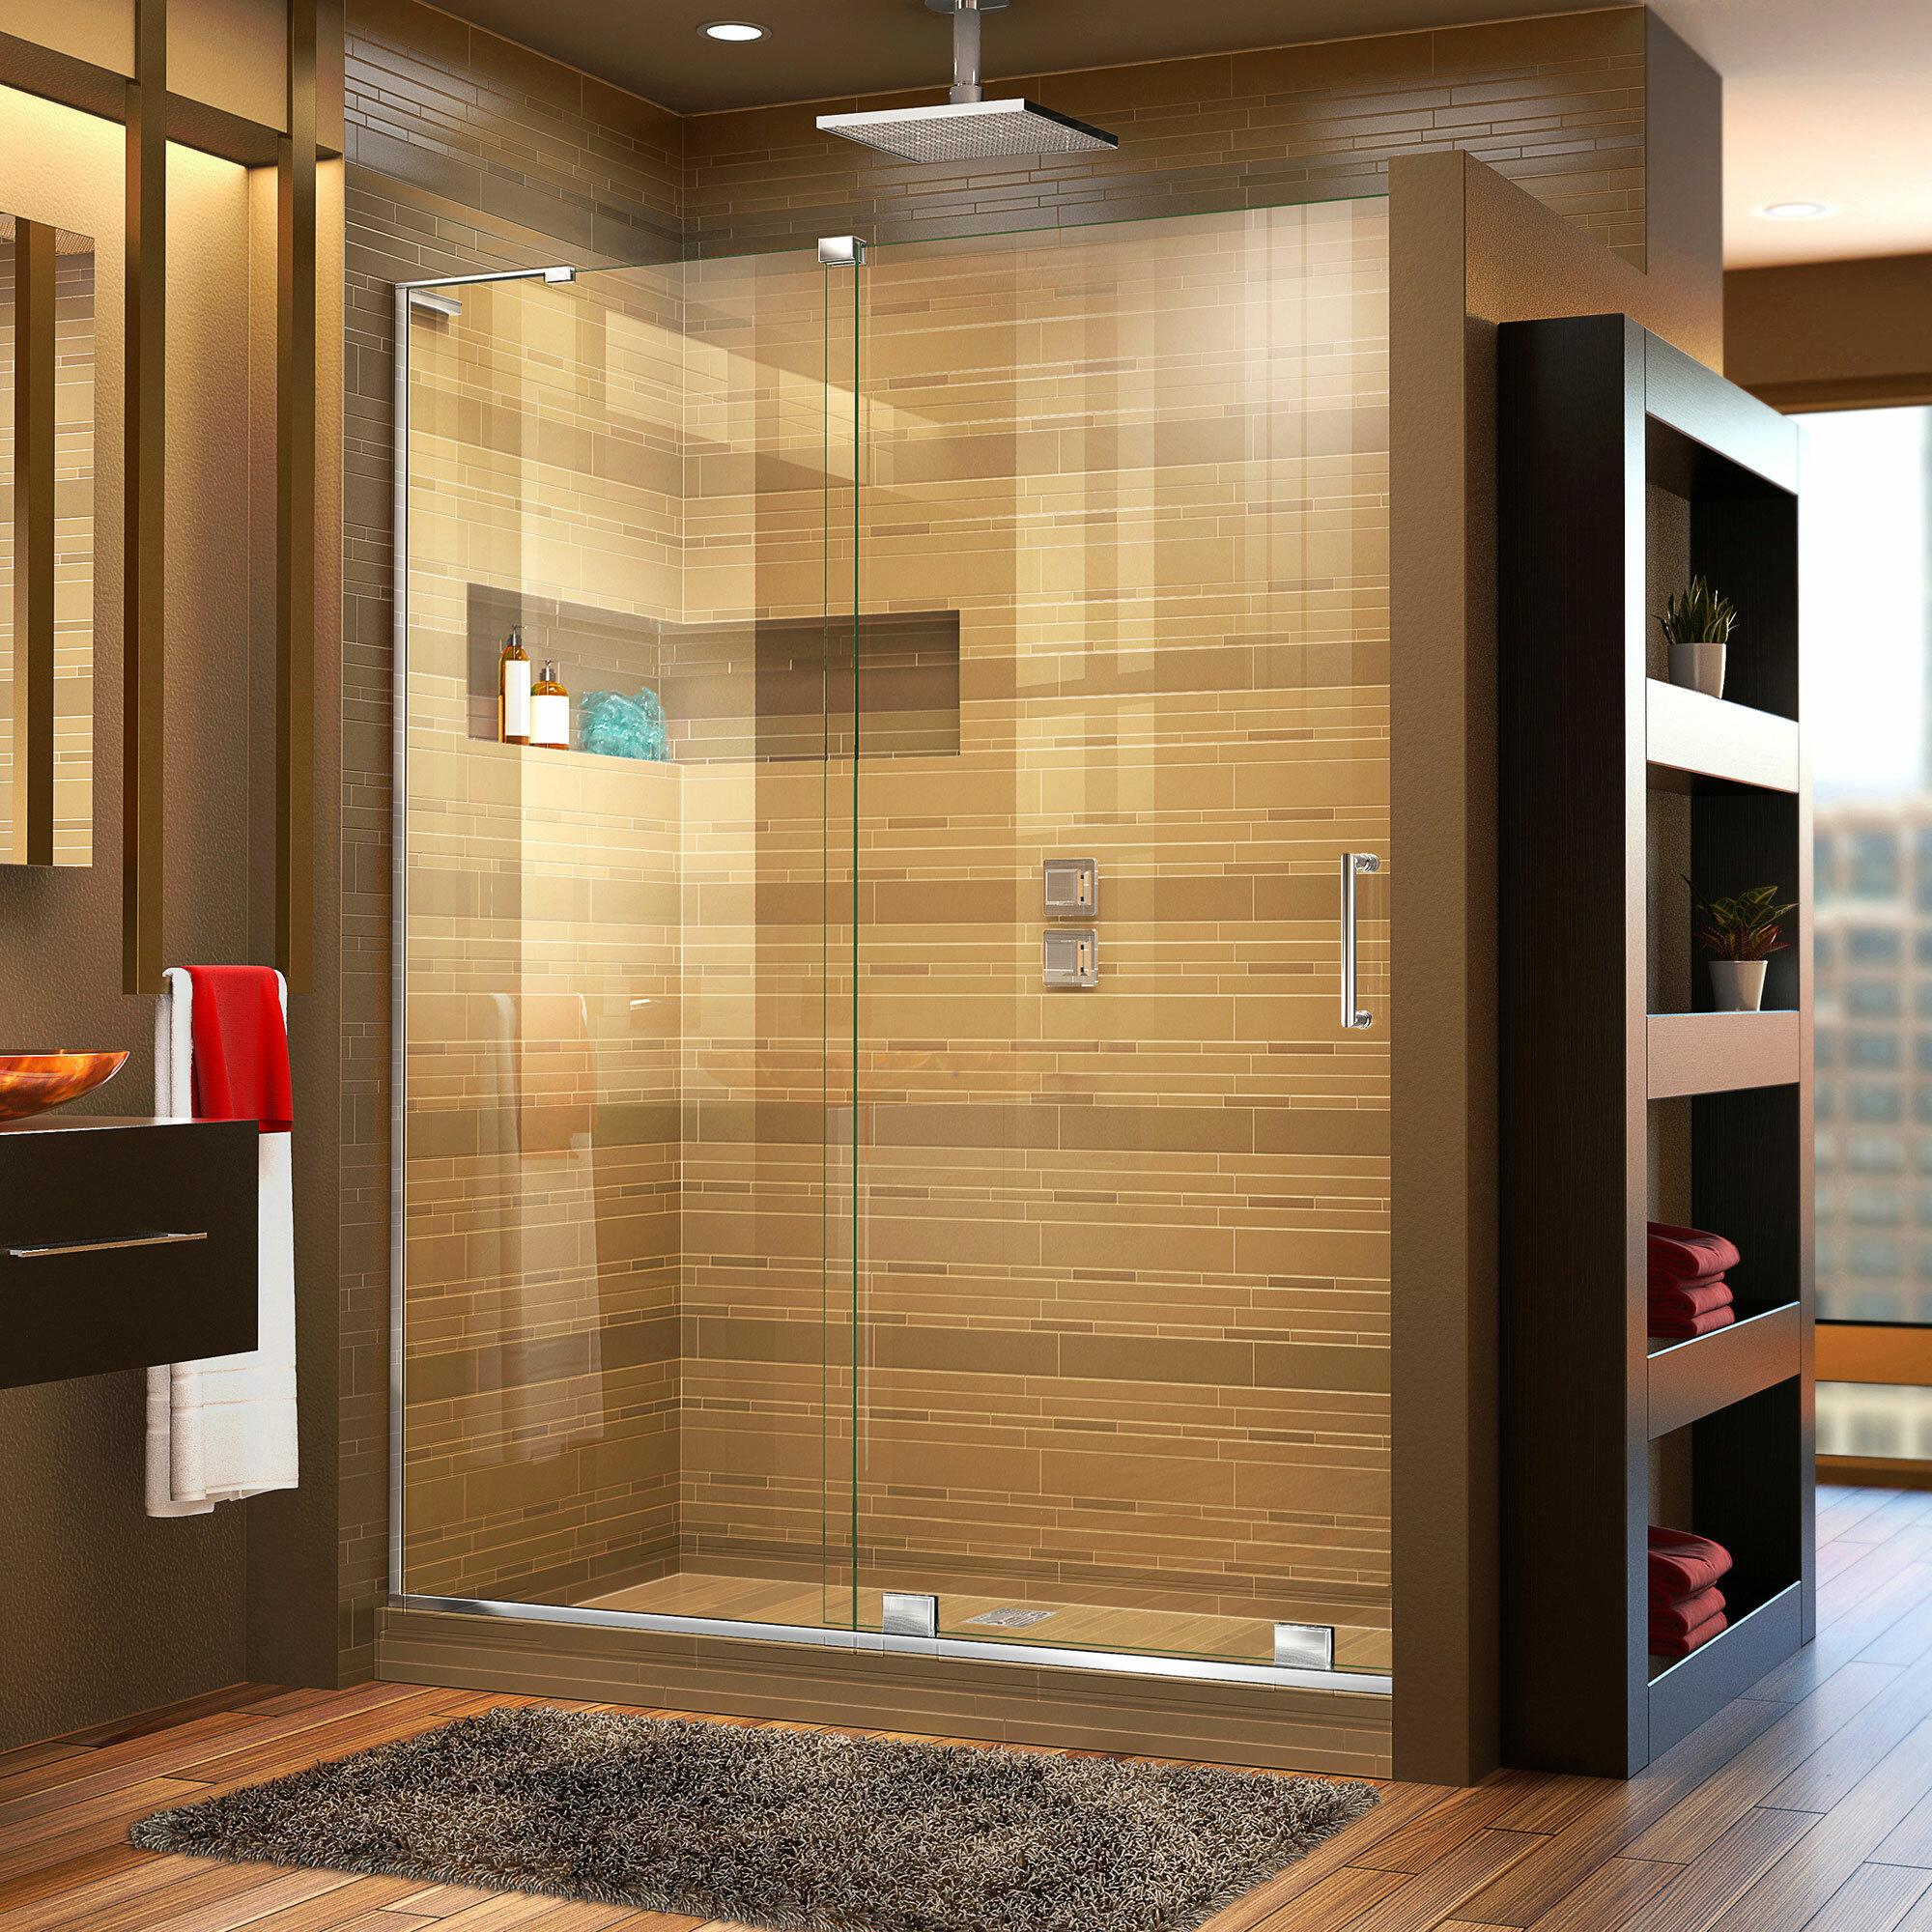 Dreamline Mirage X 48 X 72 Single Sliding Frameless Shower Door